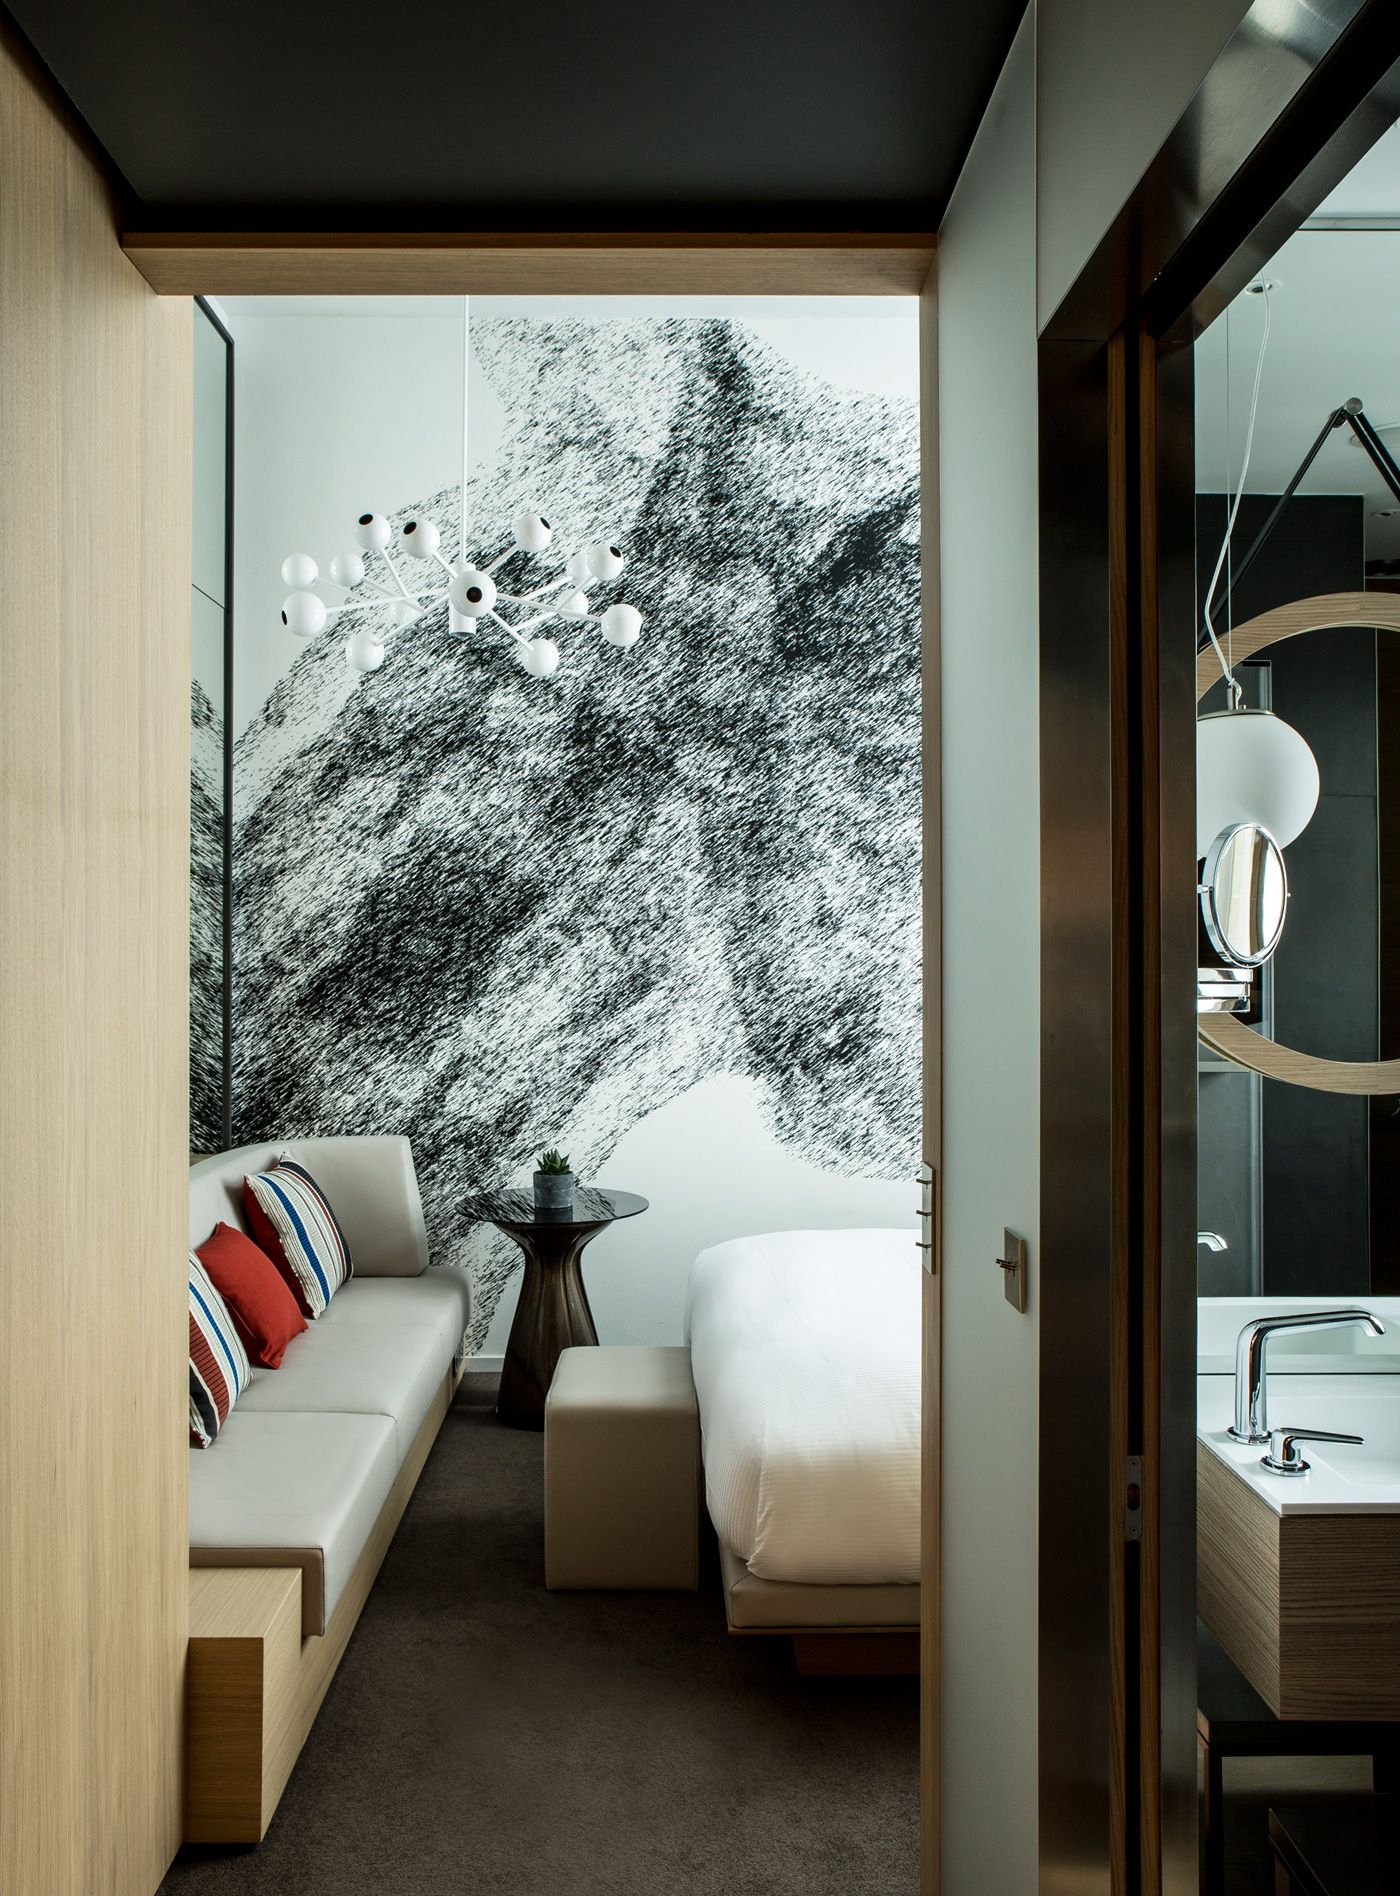 Telecommunication Room Design: Voyages, Hotels De Luxe, Spas